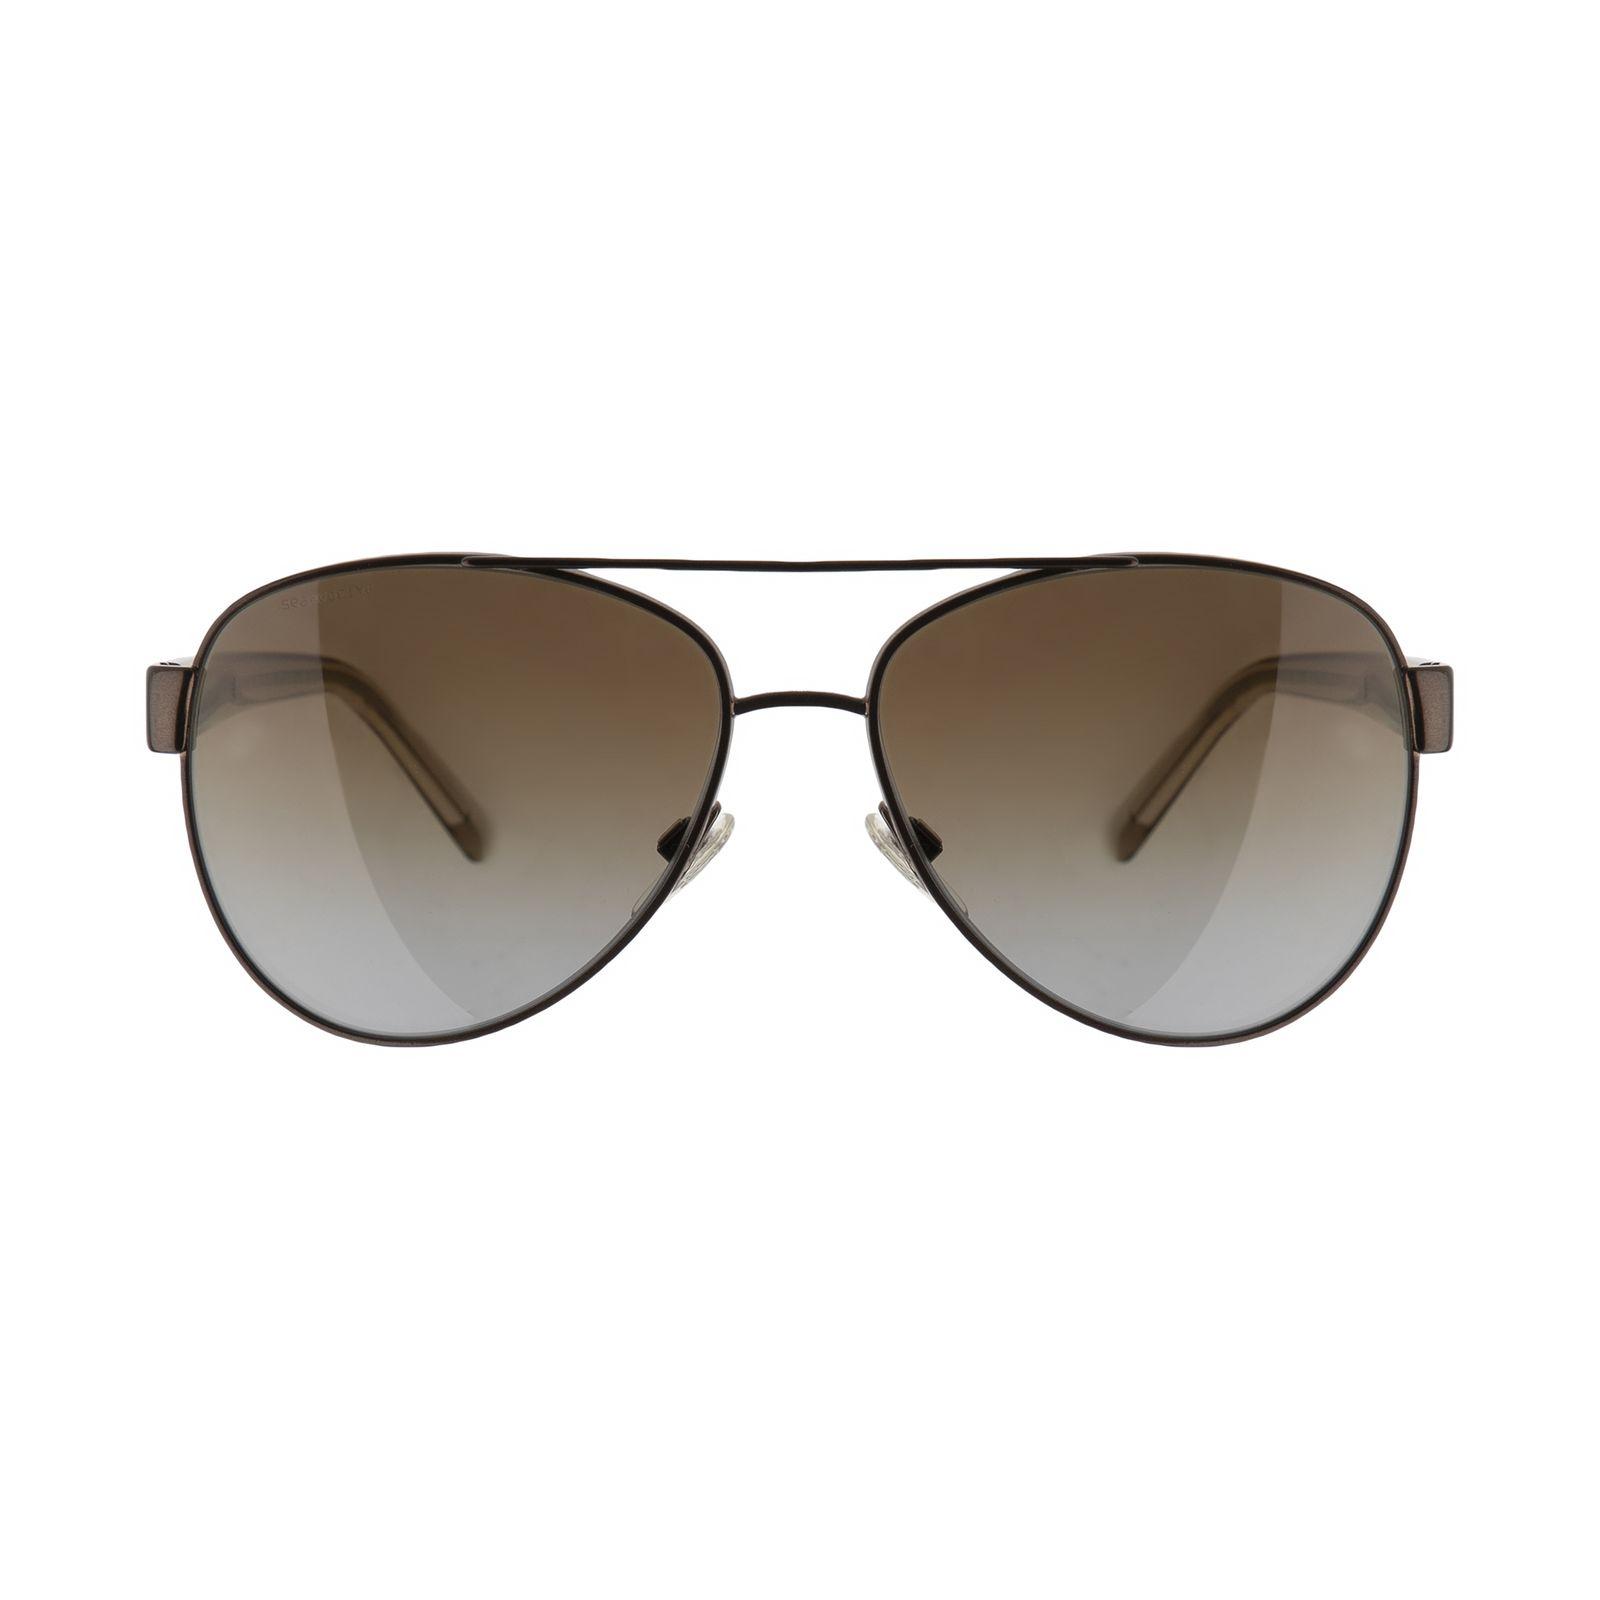 عینک آفتابی زنانه بربری مدل BE 3084S 1212T5 57 -  - 2